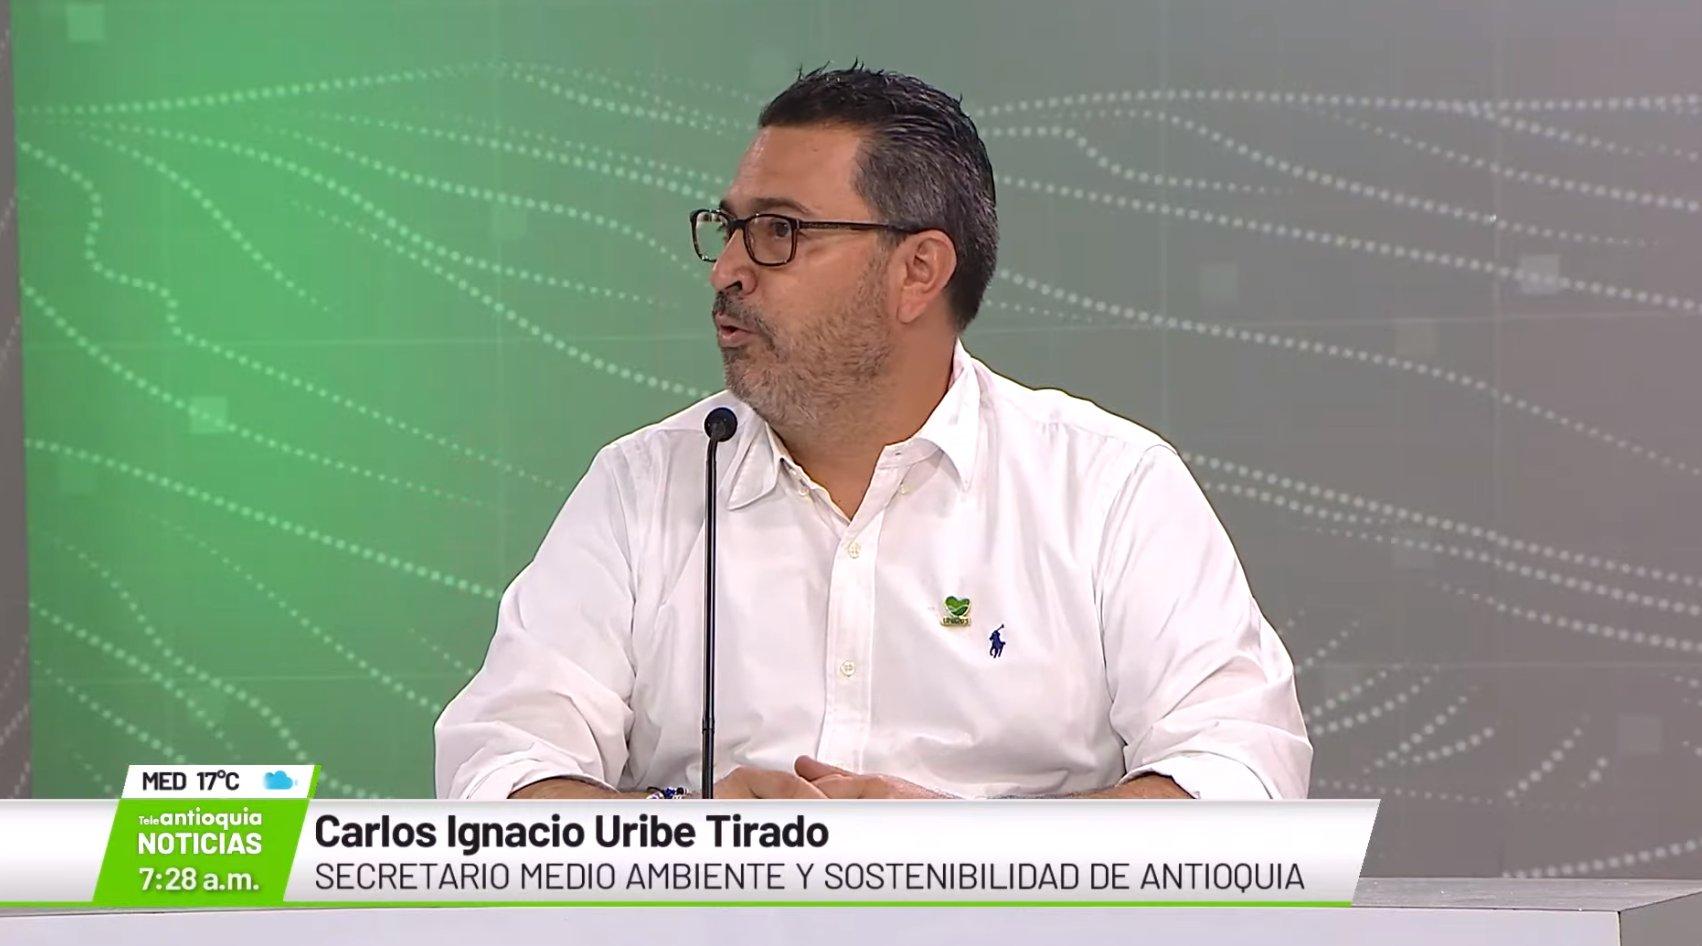 Carlos Ignacio Uribe Tirado, secretario de medio ambiente y sostenibilidad de Antioquia